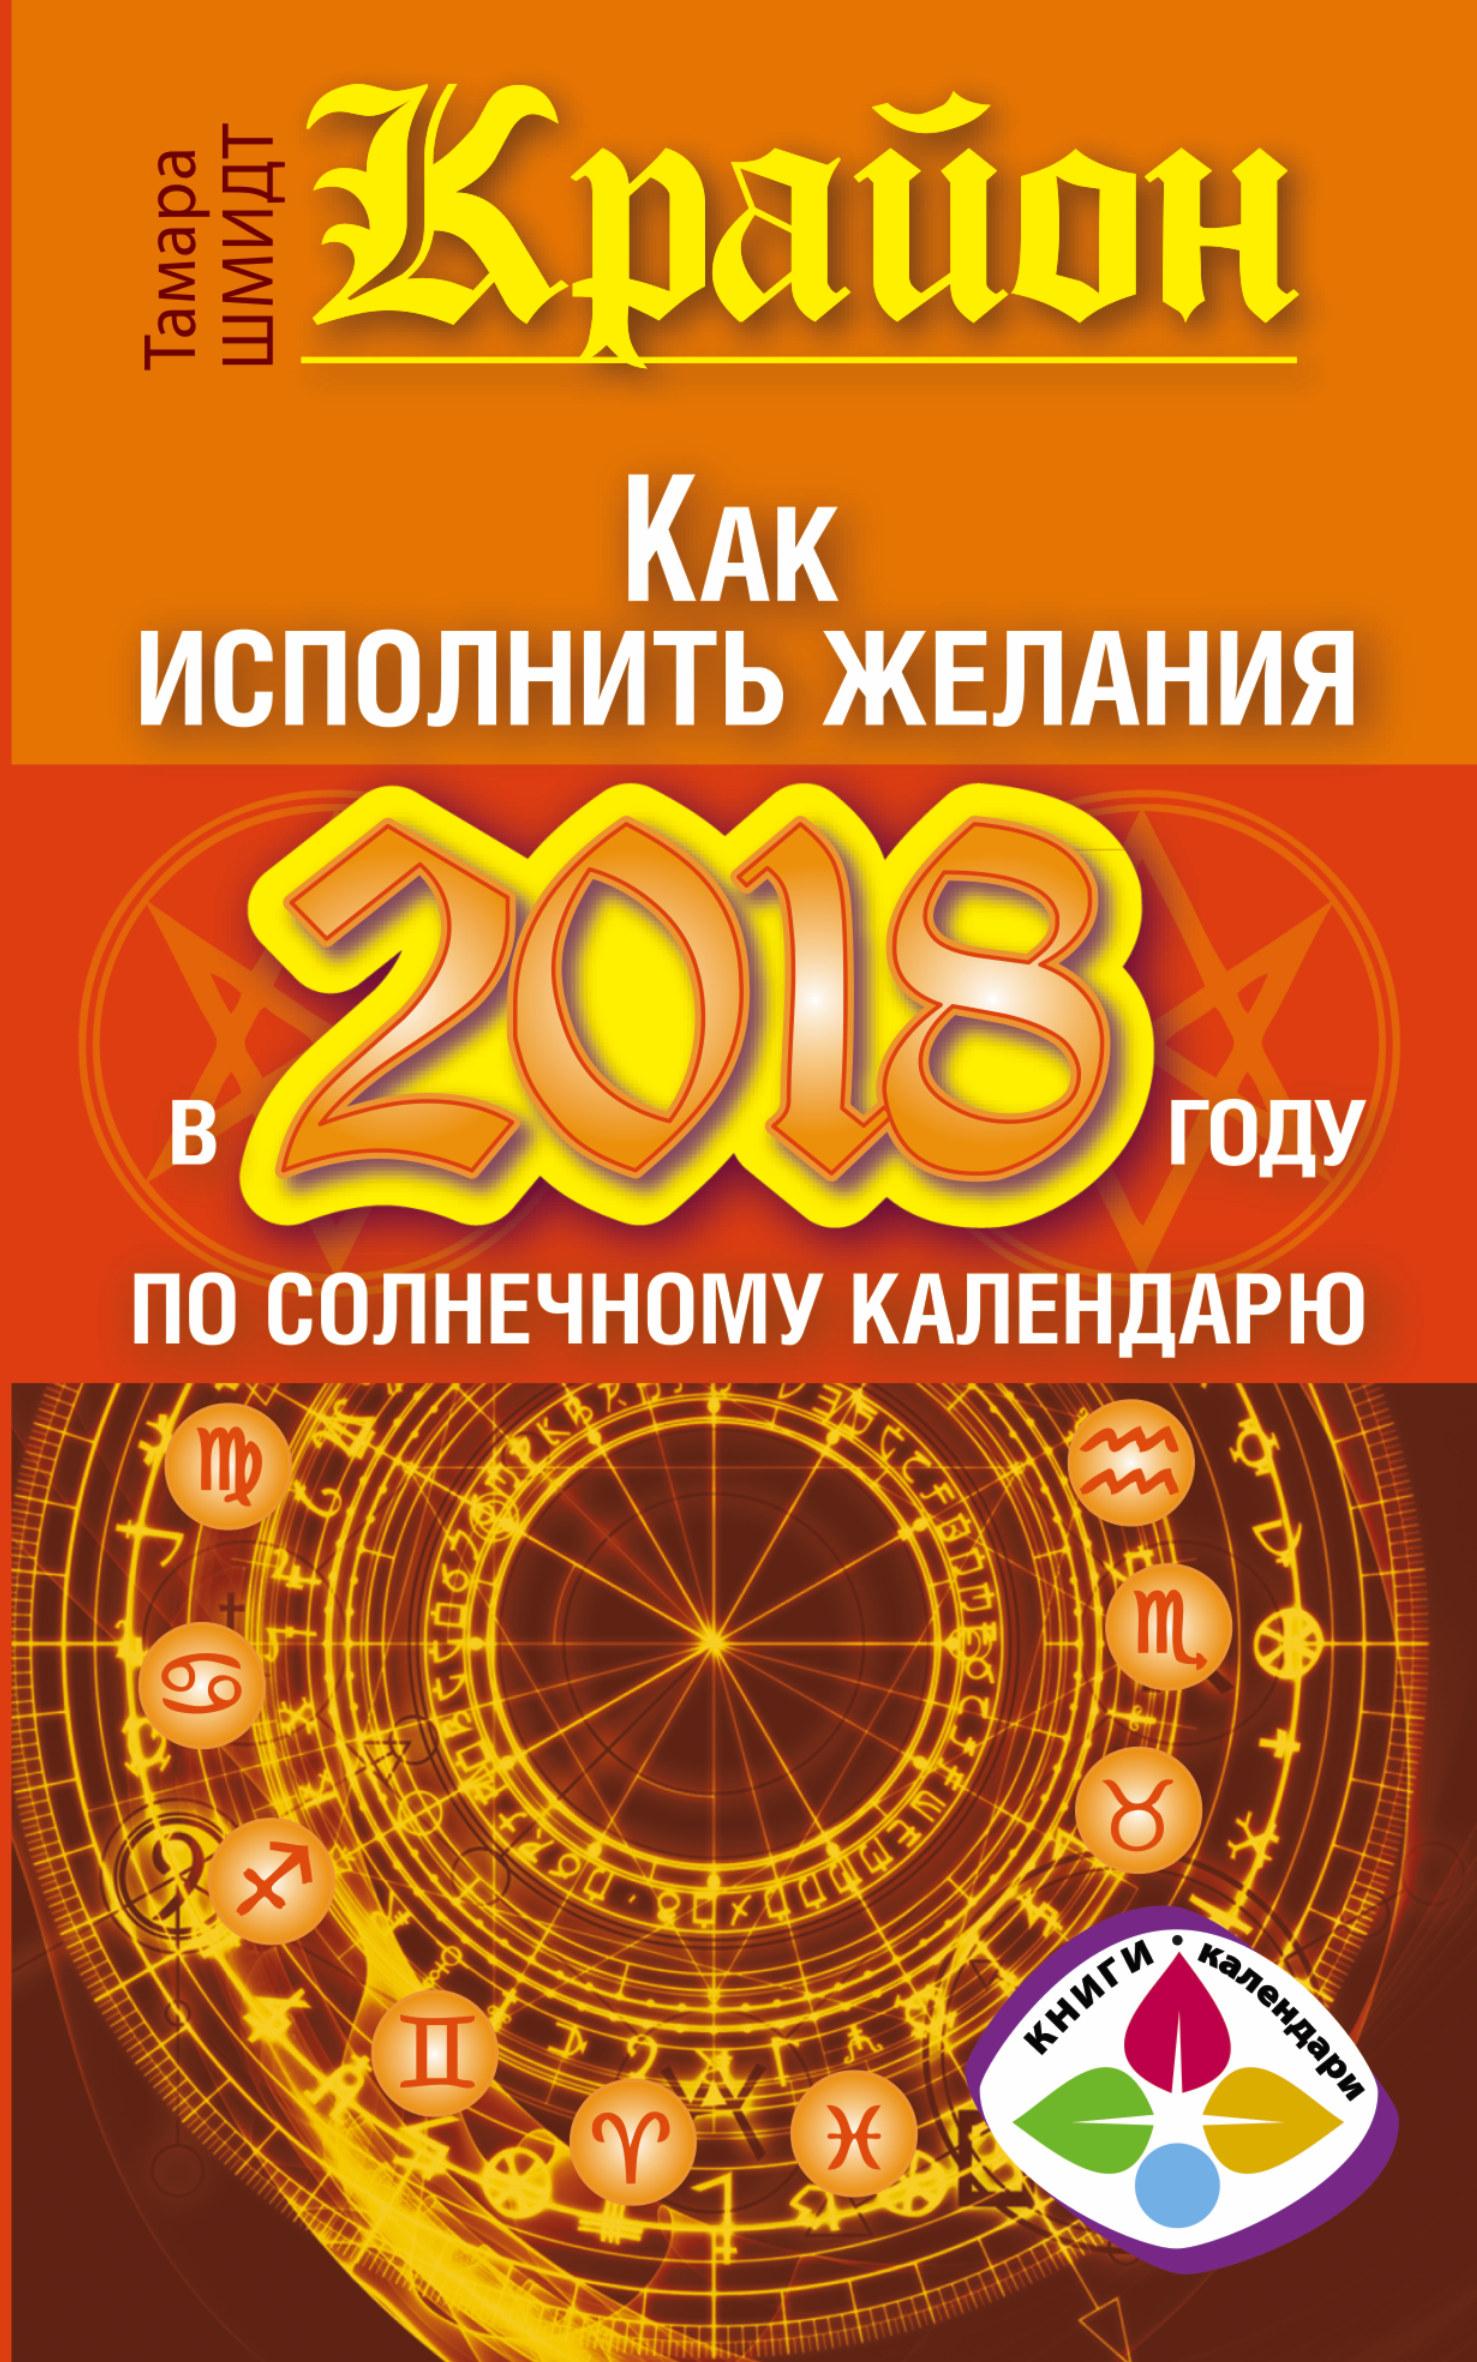 Тамара Шмидт «Крайон. Как исполнить желания в 2018 году по солнечному календарю»